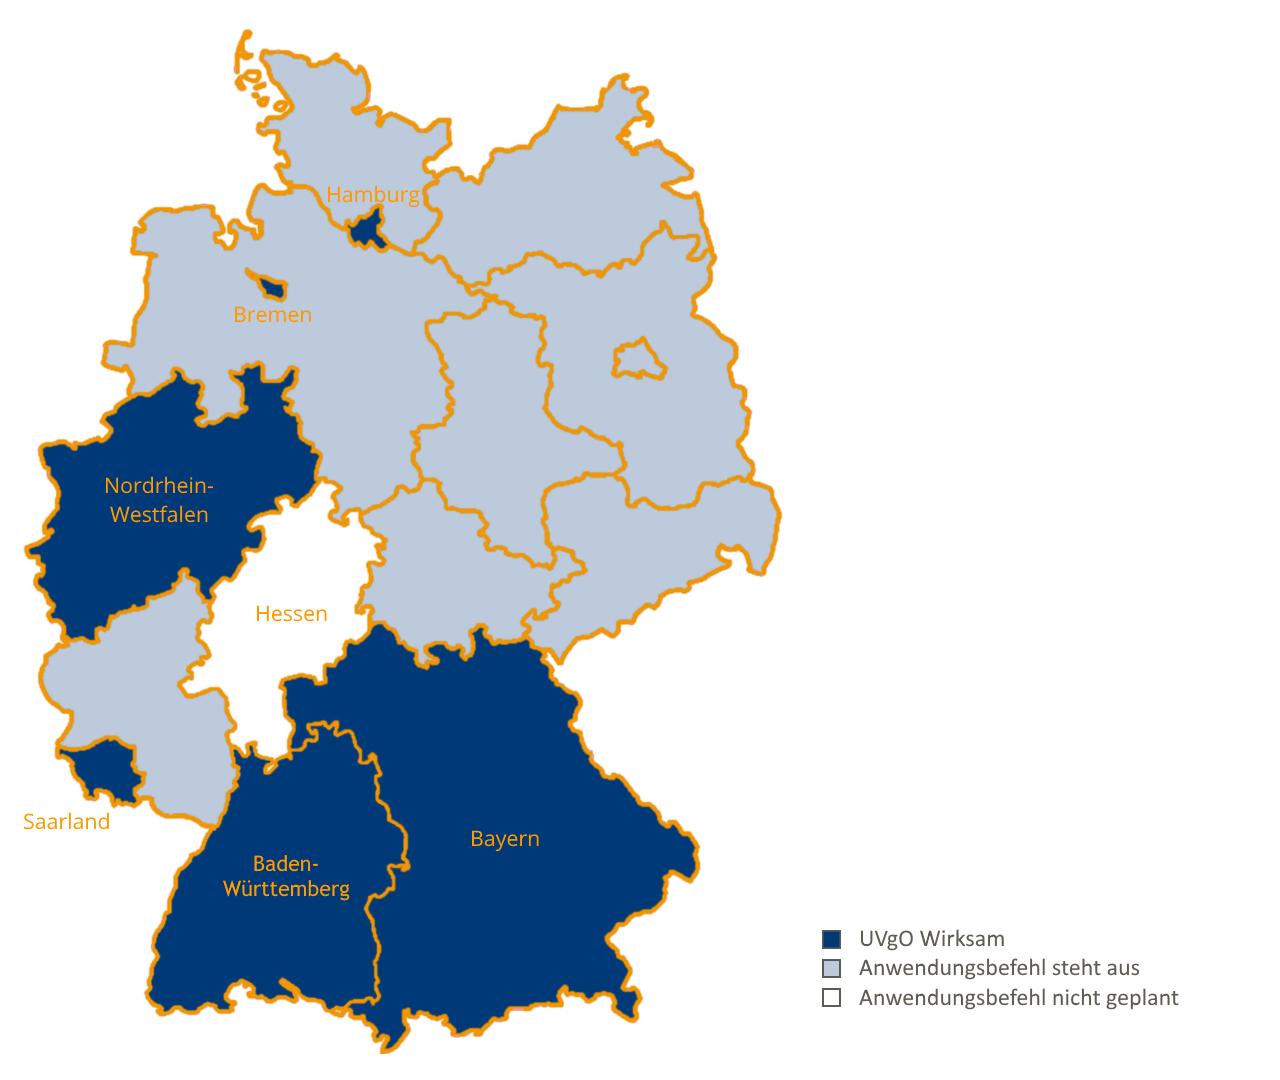 Landkarte Übersicht zur UVgO in Deutschland Oktober 2018